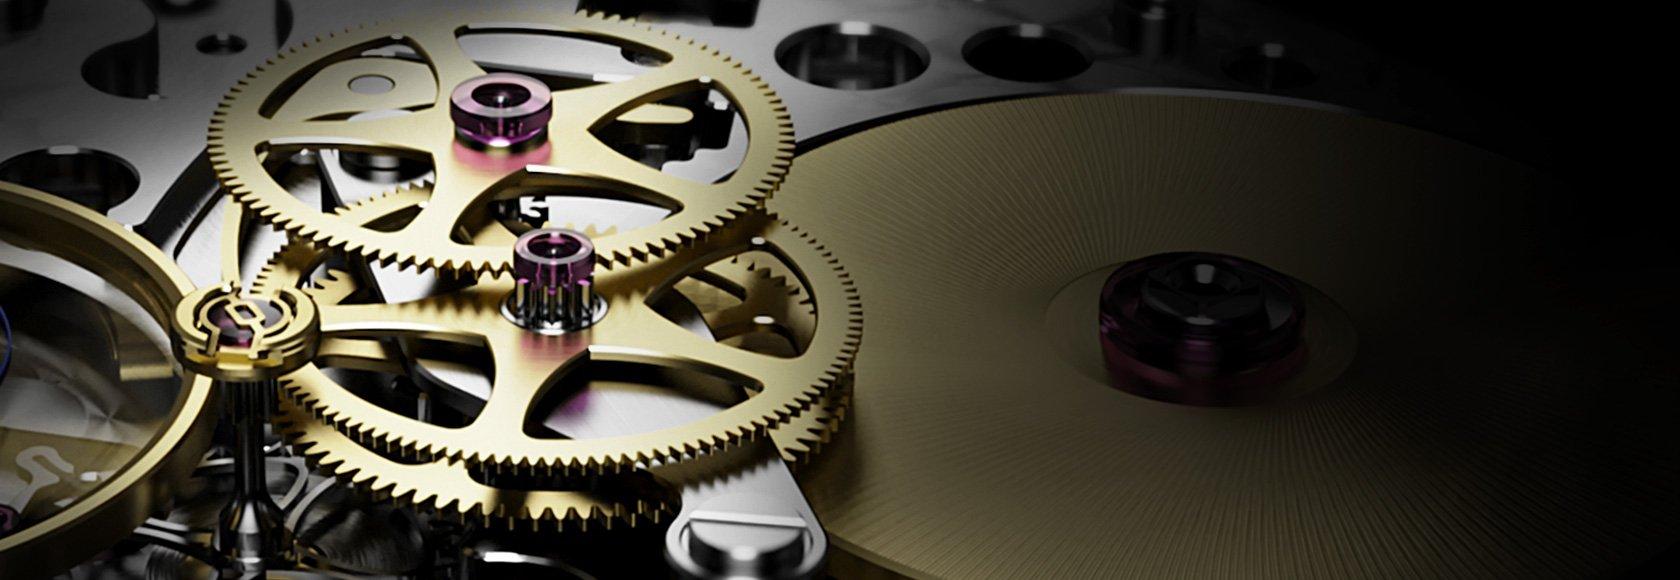 Il calibro Rolex 3255, in un dettaglio che mostra il nuovo bariletto